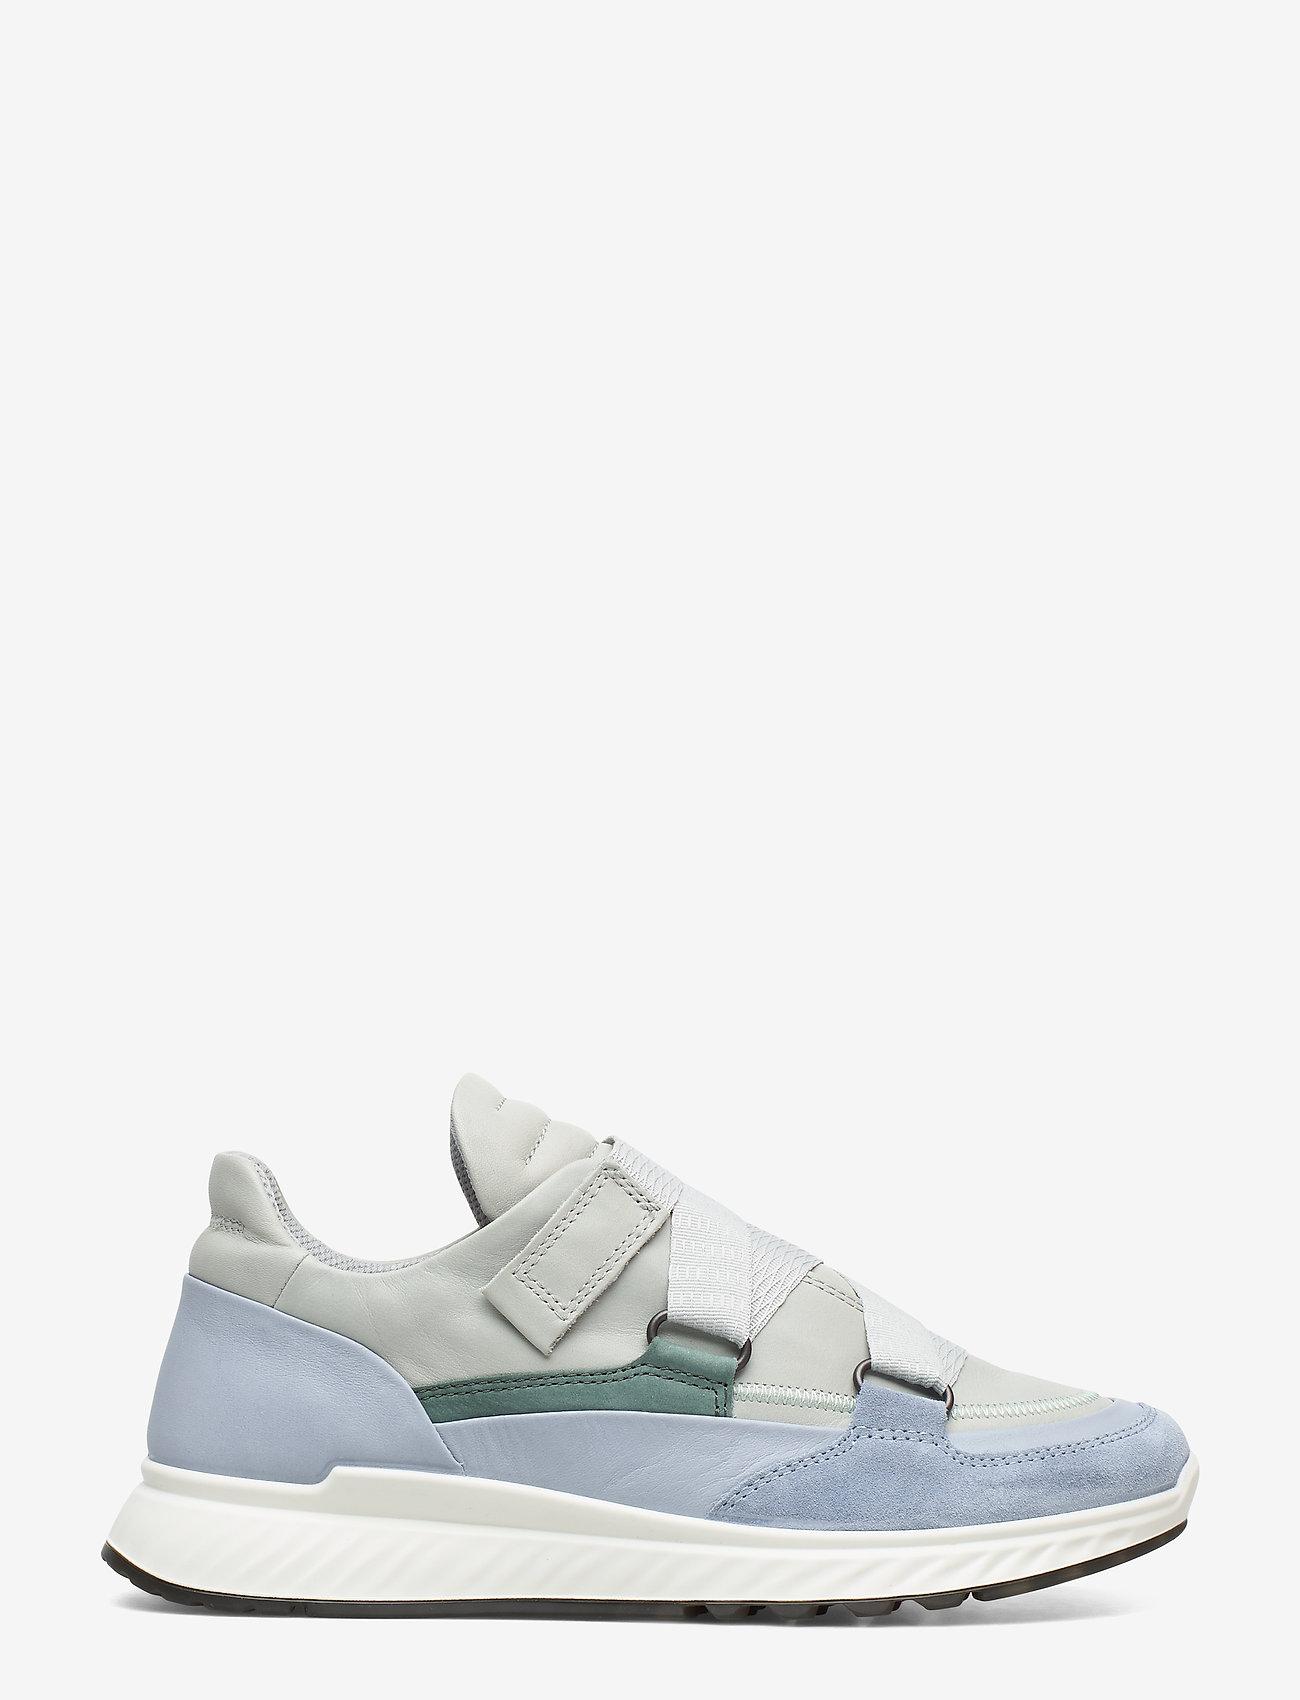 ECCO - ST.1 W - slip-on sneakers - dusty blue/dusty blue/concrete/lake - 1